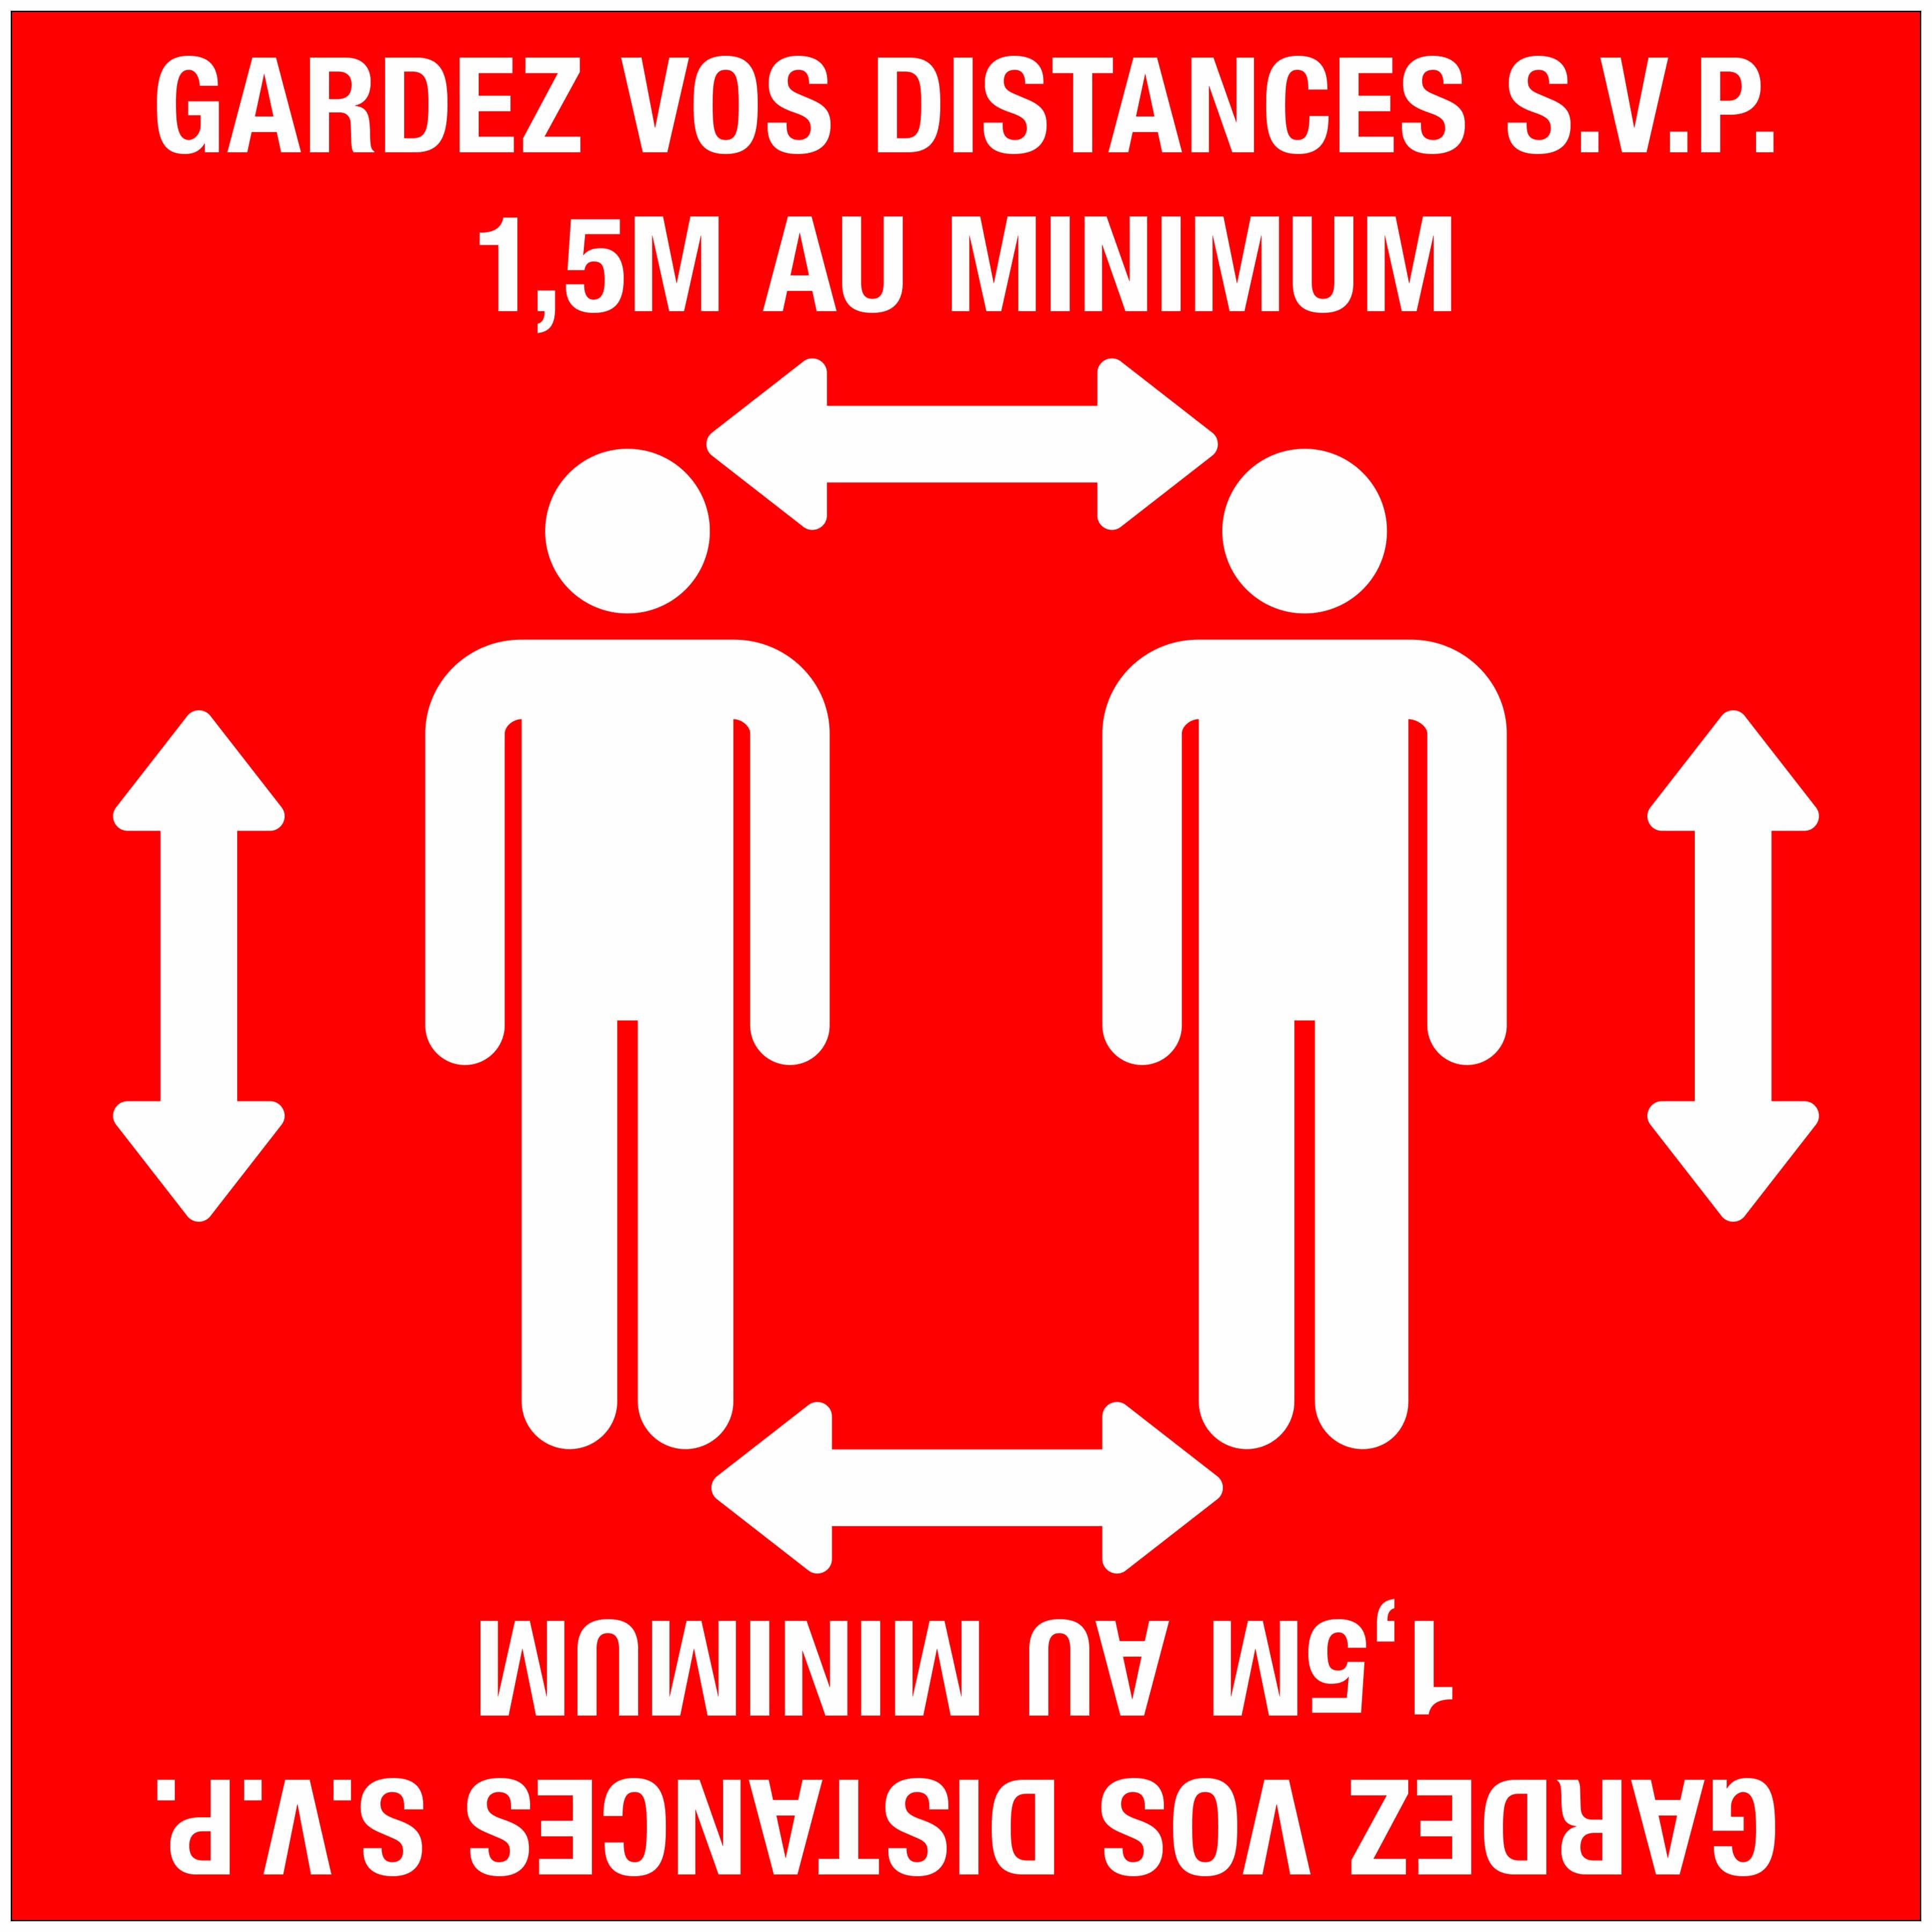 Autocollant au sol laminé Garder vos distance 1,5 mètre COVID19 COVID-19 corona virus